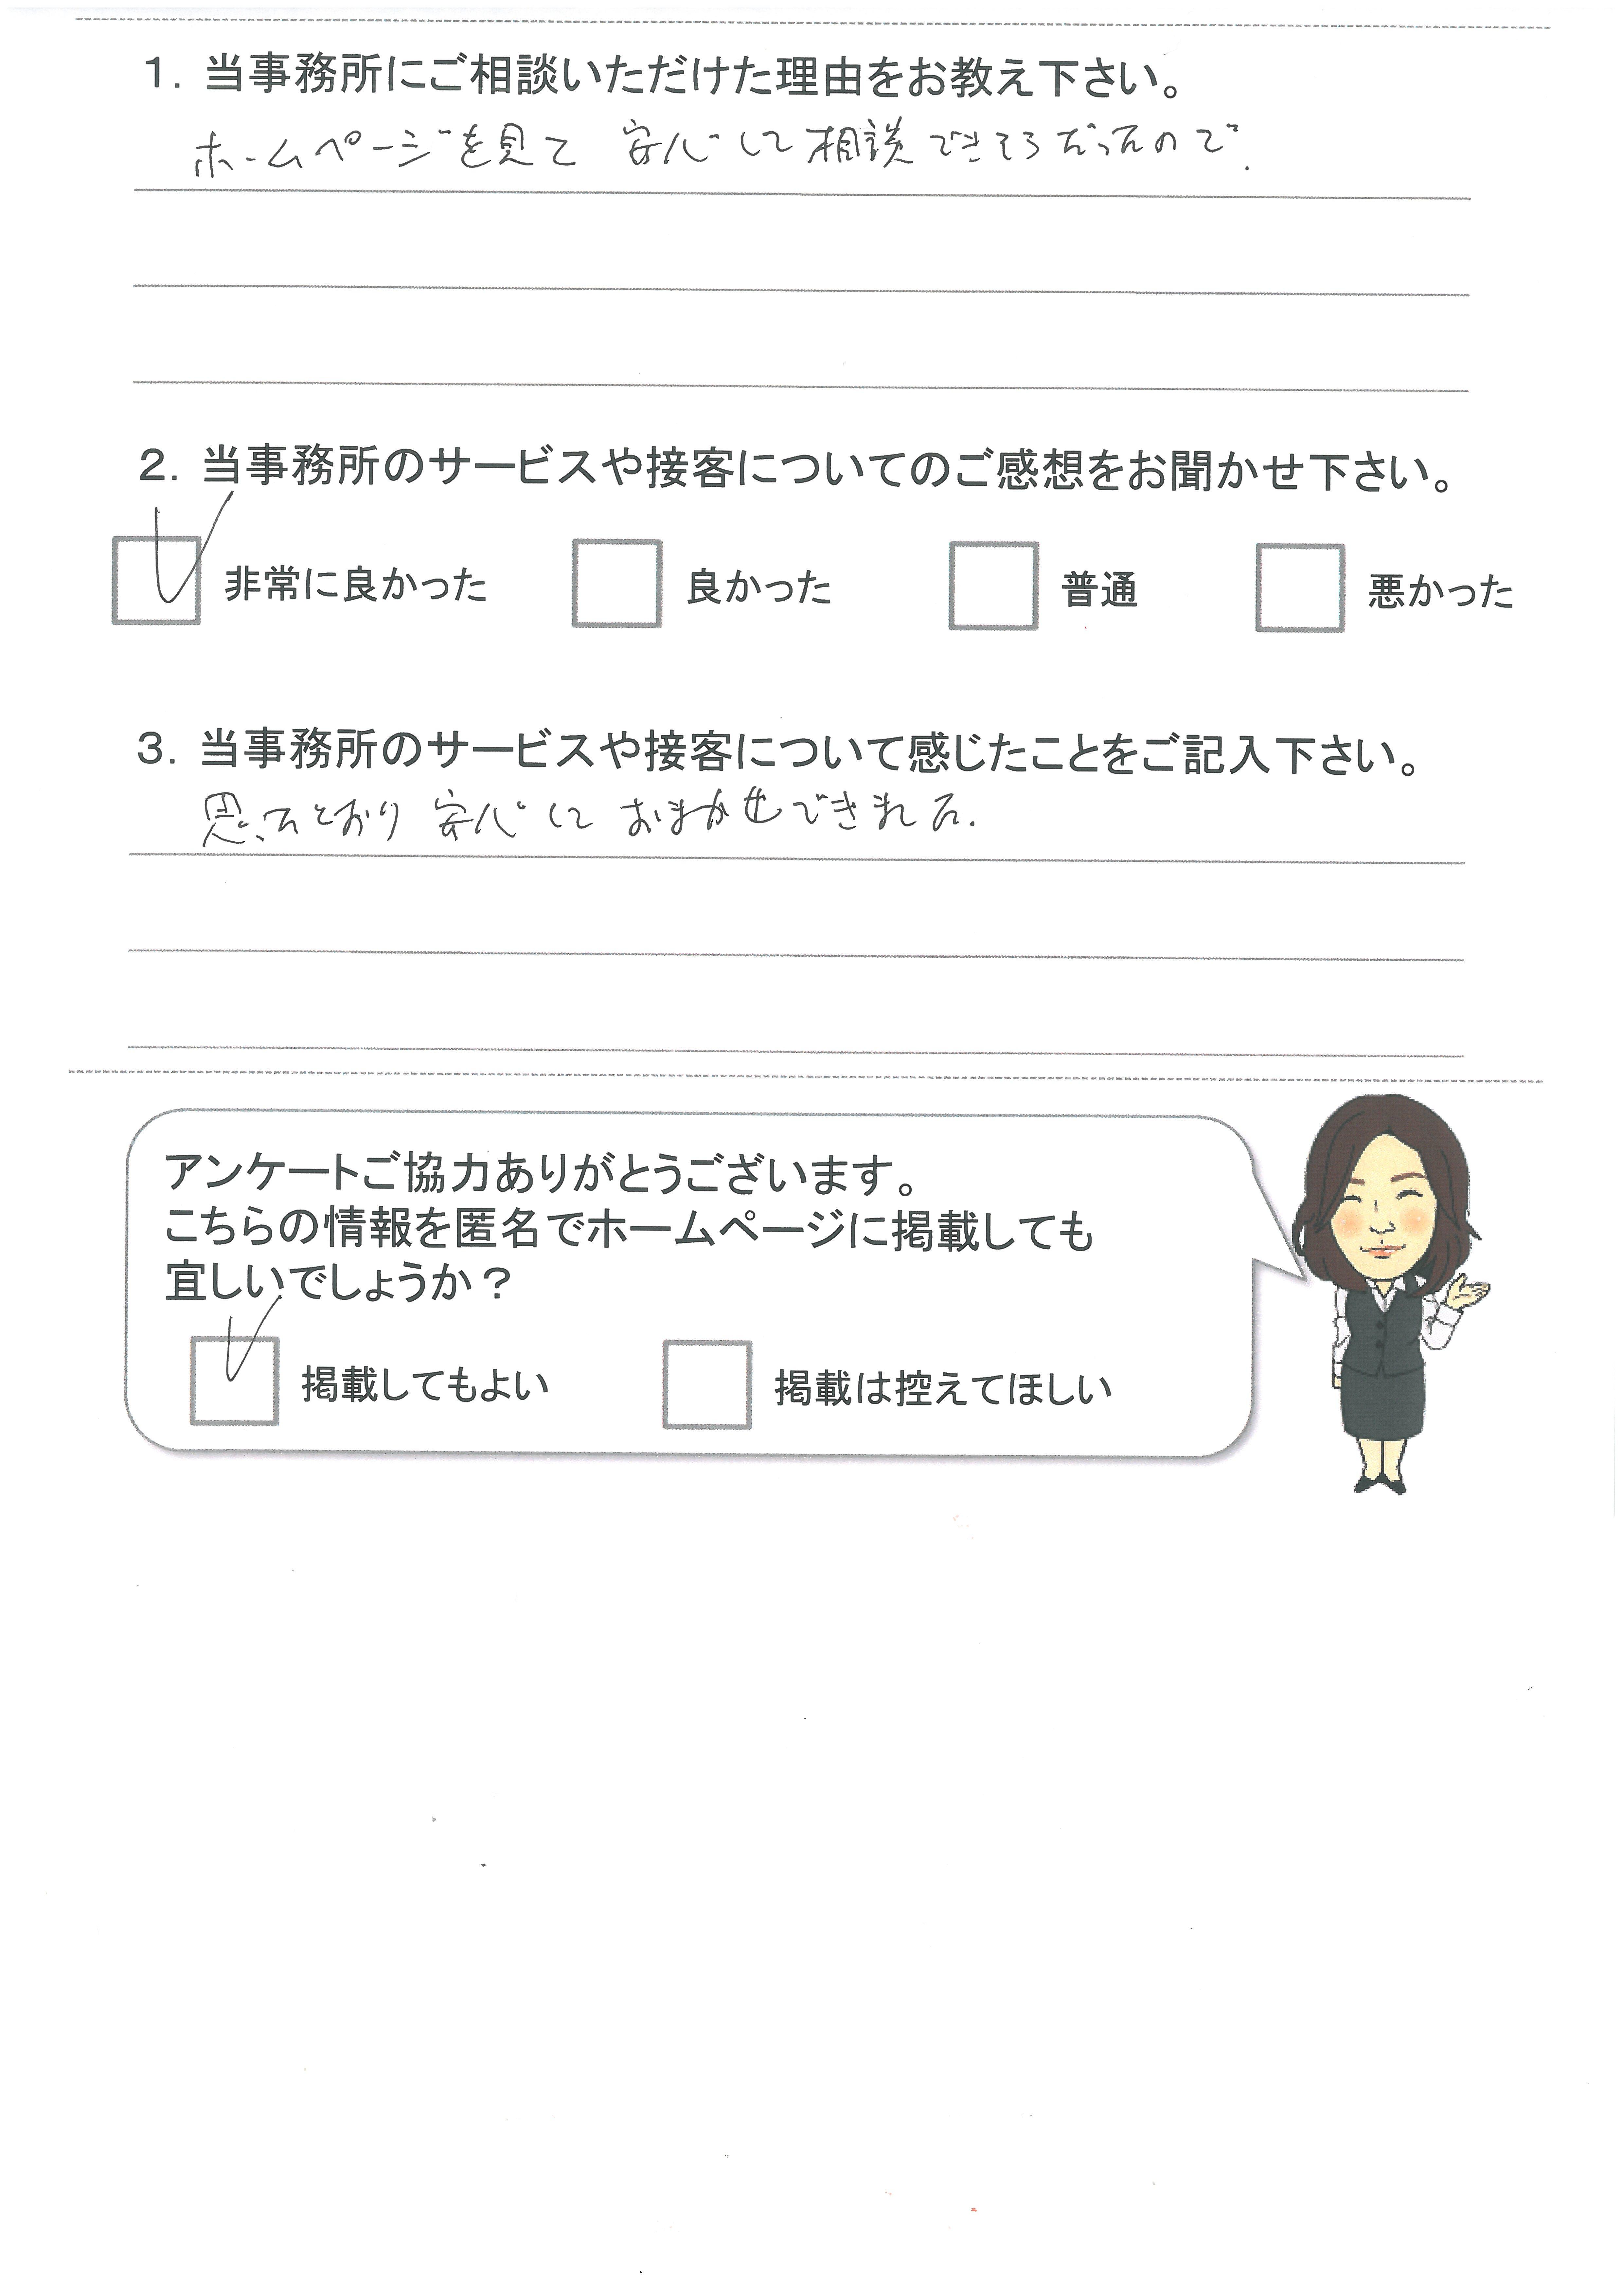 不動産No.1.jpg